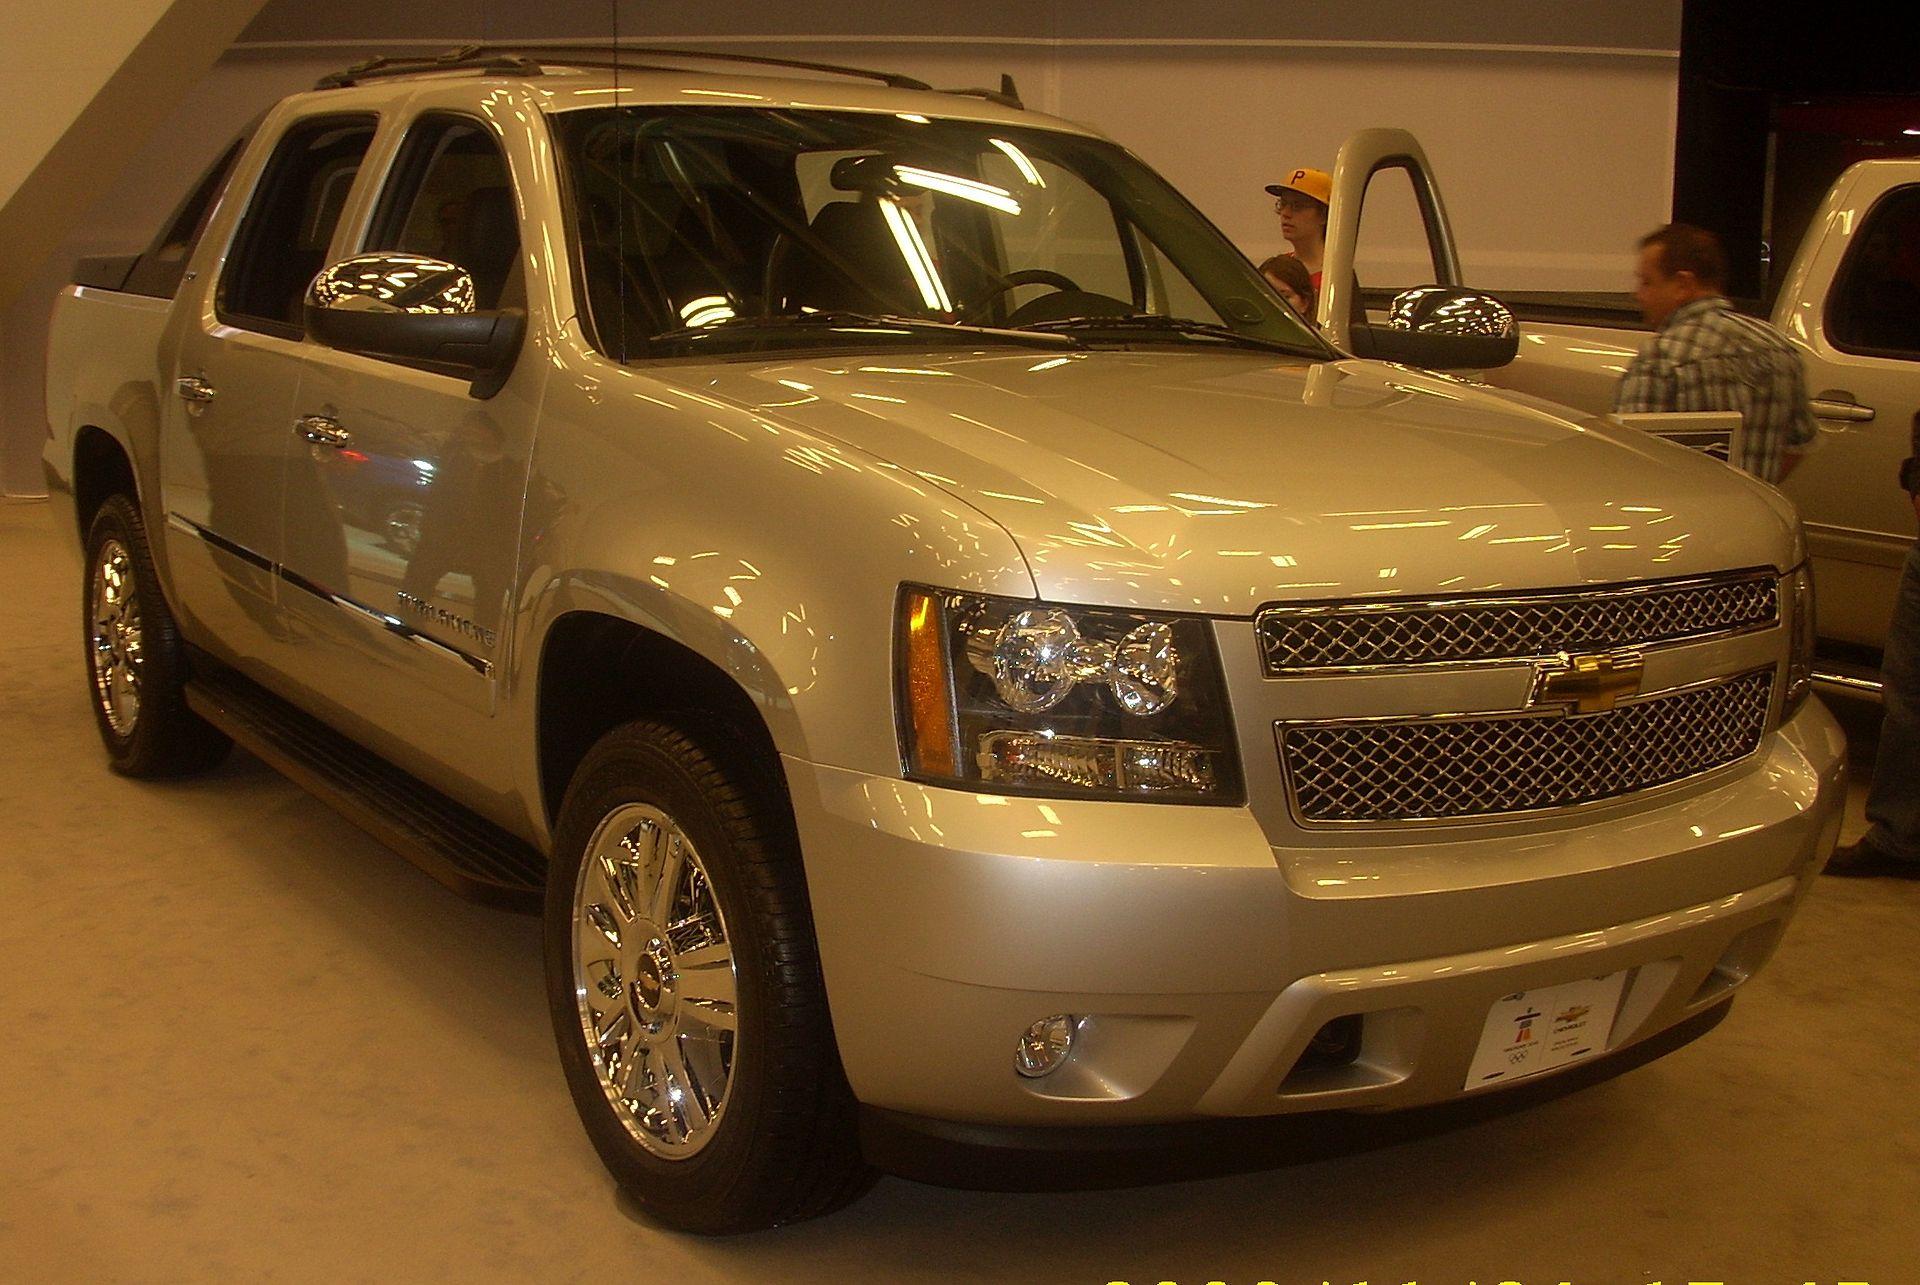 Chevrolet Avalanche - Wikipedia, la enciclopedia libre